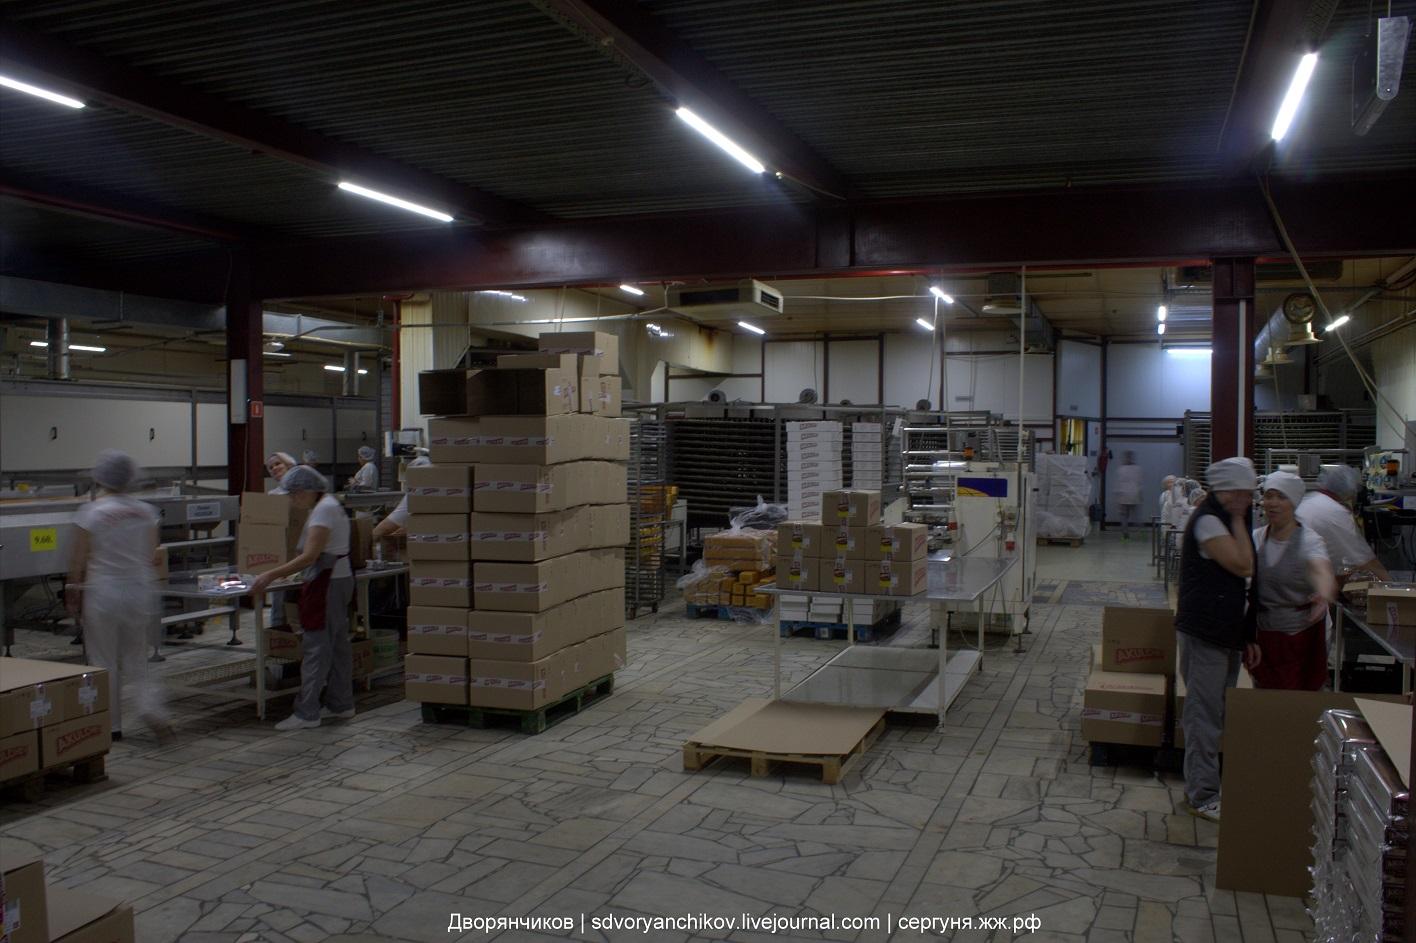 Экскурсия на завод Акульчев - 2-12-2017